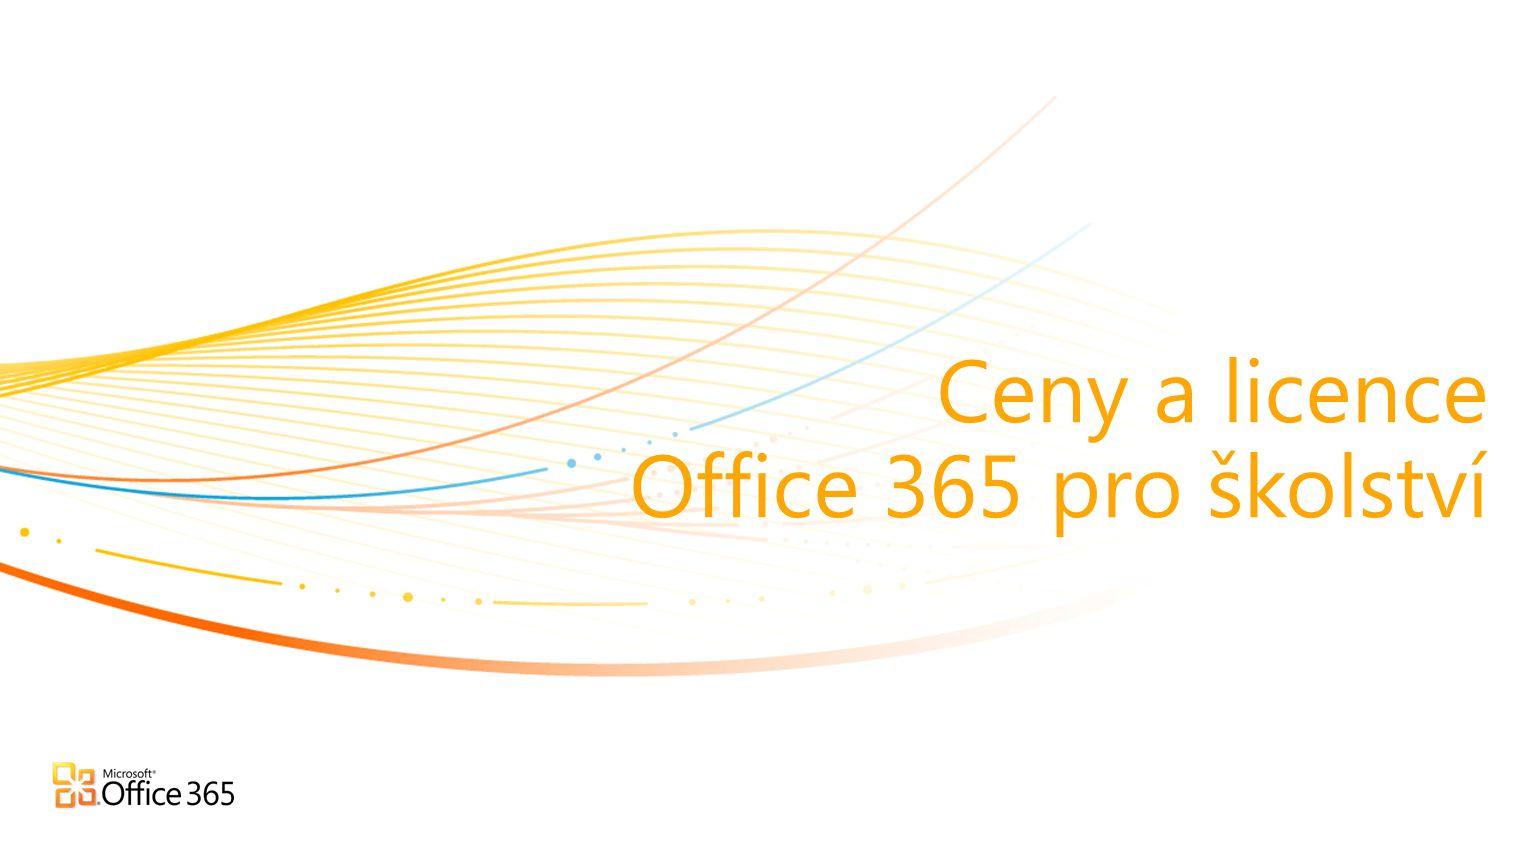 | Copyright© 2010 Microsoft Corporation Podpora pro Rights Management Zabezpečení zpráv Podpora pro Rights Management Information Rights Management poskytuje trvalou ochranu dat a kontrolu kdo může přistupovat, předávat, tisknout nebo kopírovat citlivá data interně i externě.